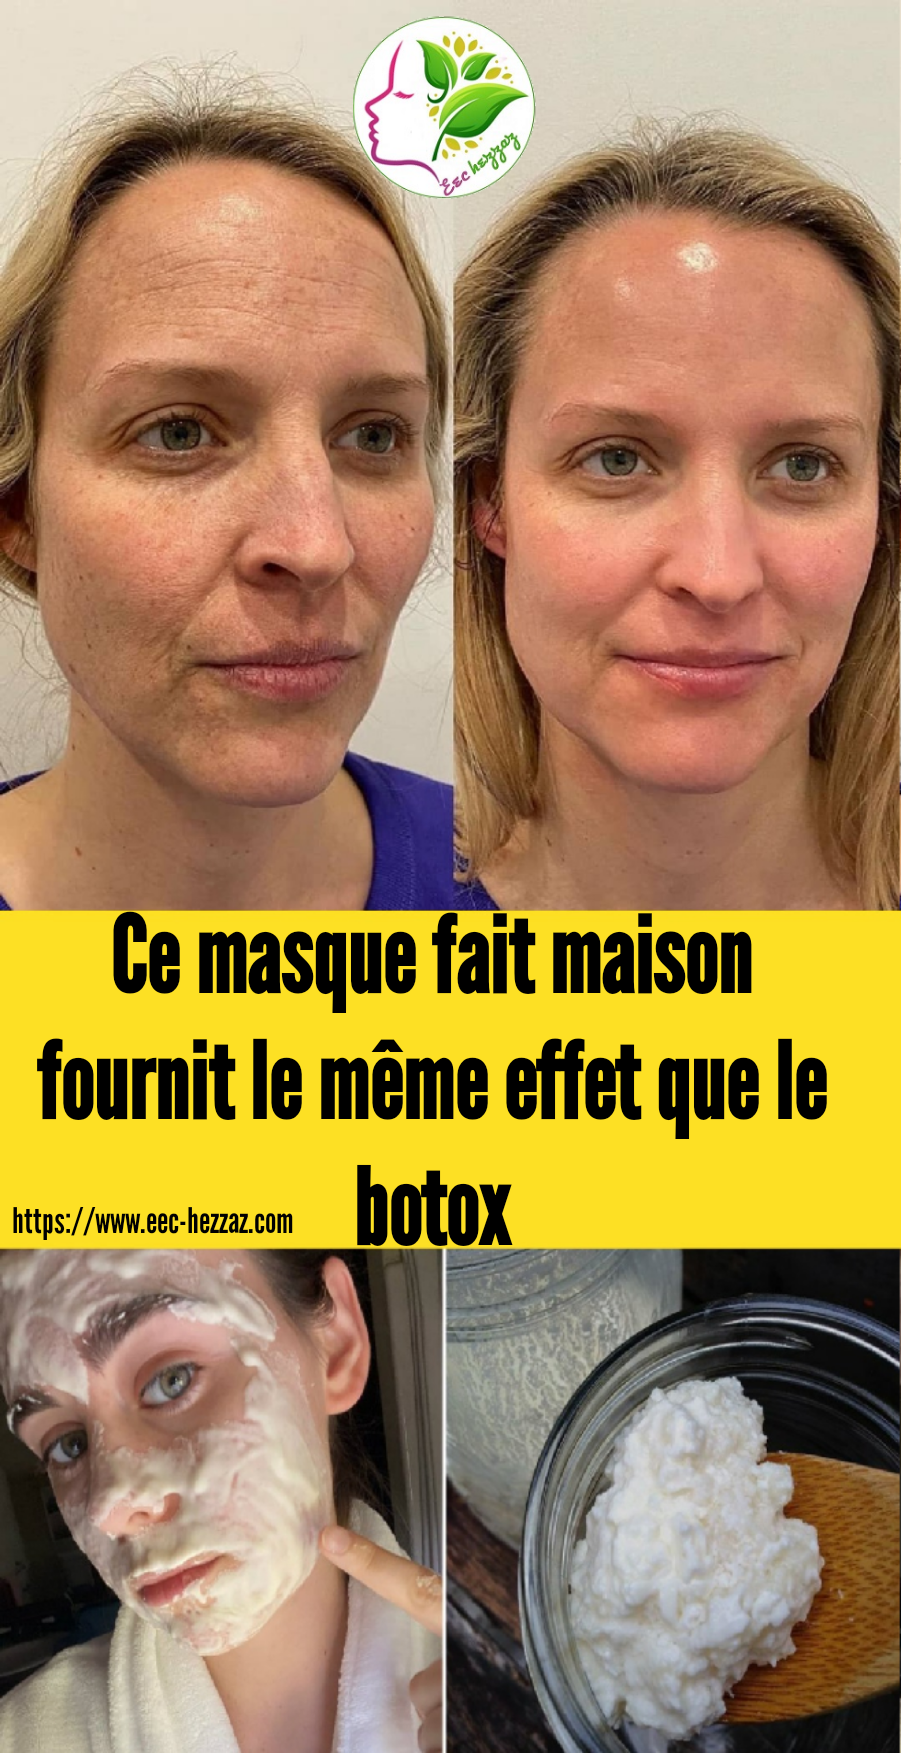 Ce masque fait maison fournit le même effet que le botox